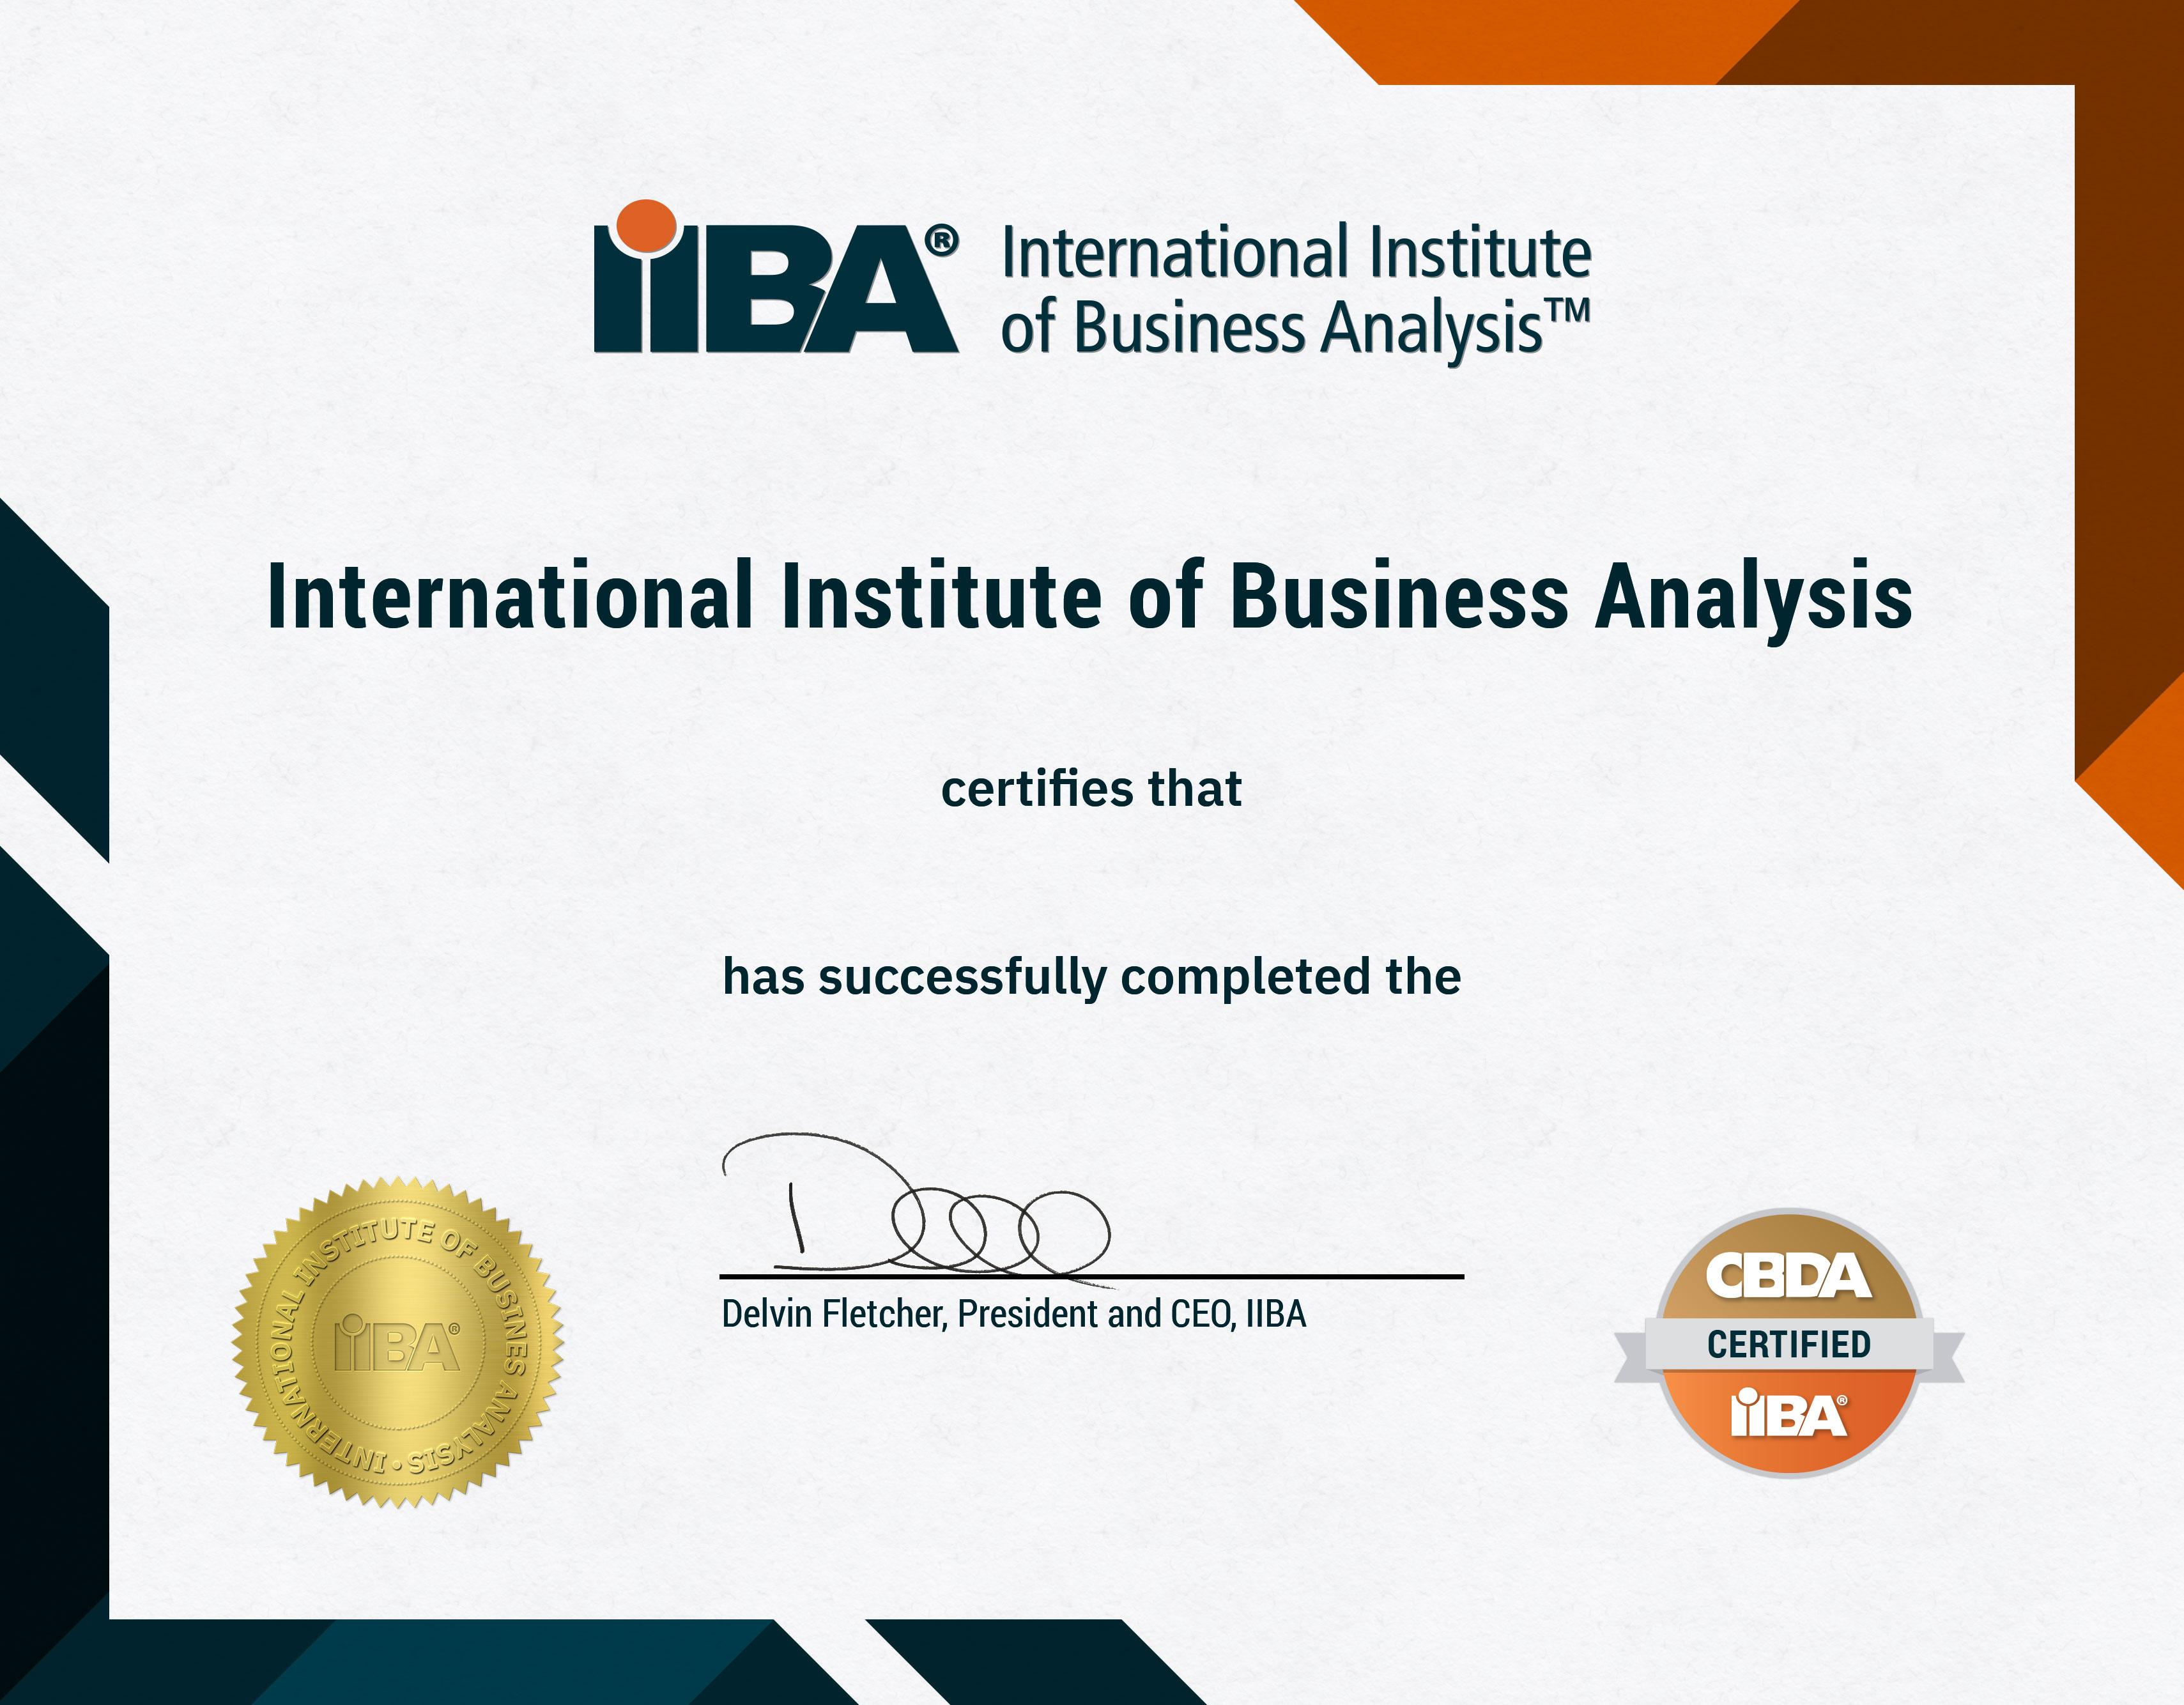 Mẫu chứng chỉ CBDA do tổ chức IIBA chứng nhận